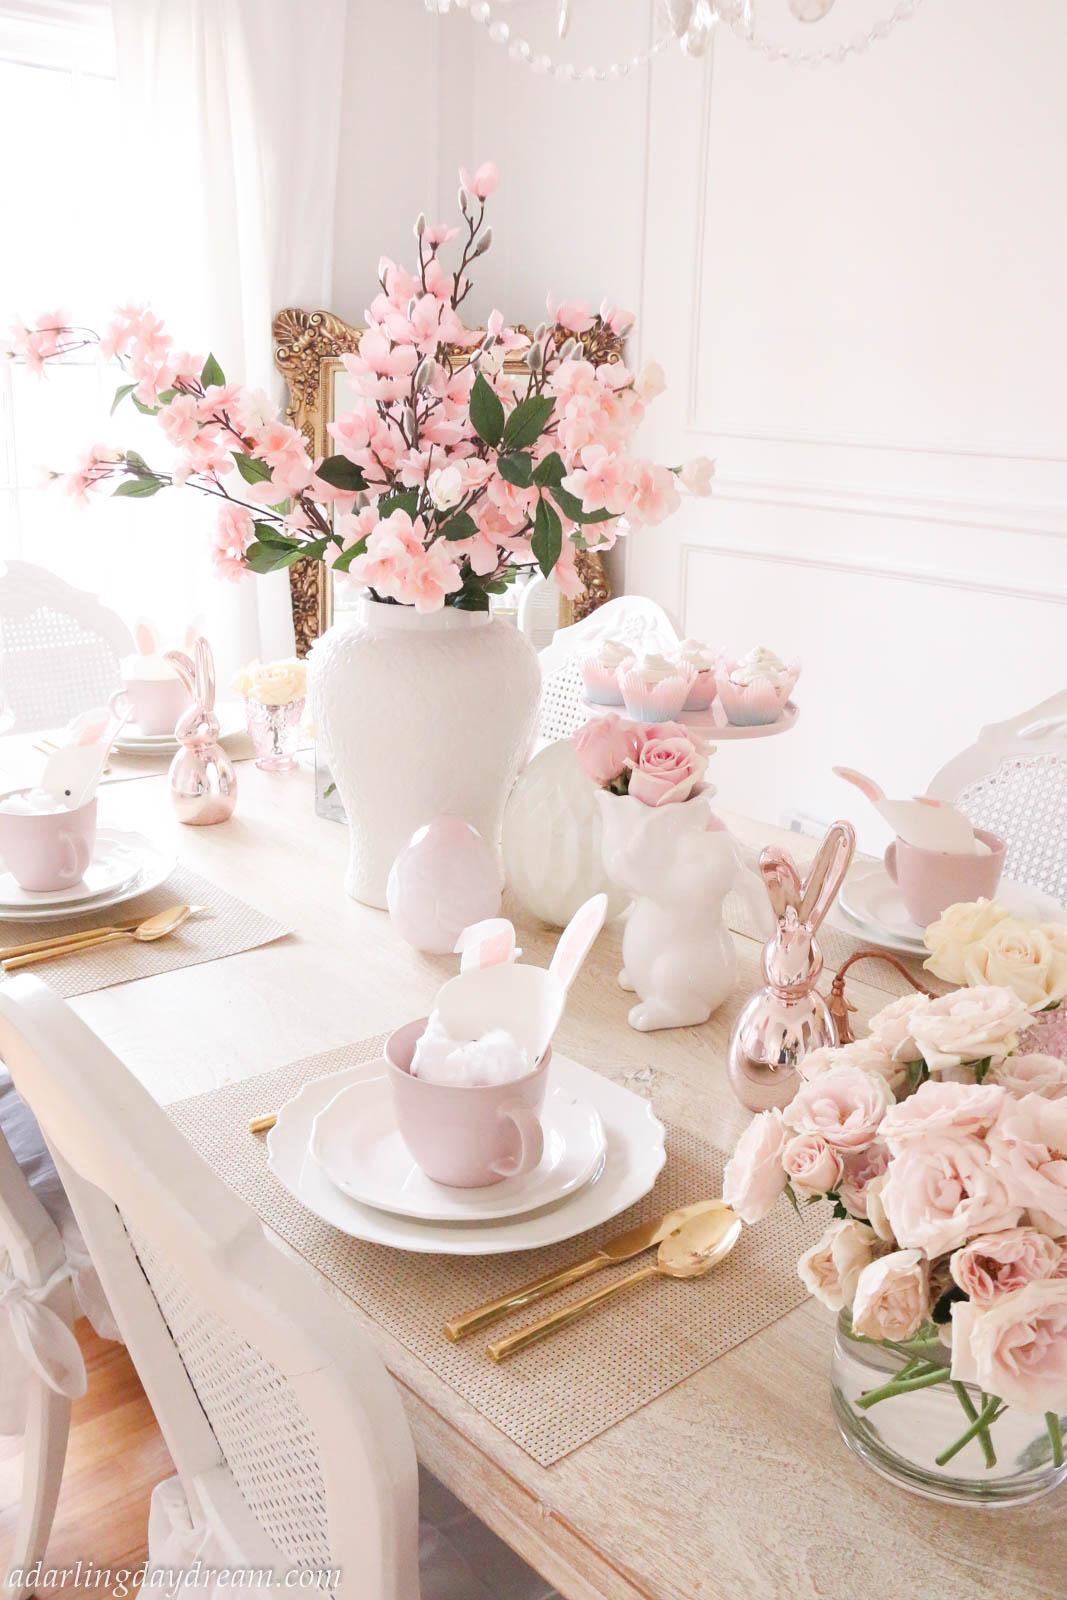 Easter-Tablescape-Spring-Tea-party-Decor-8